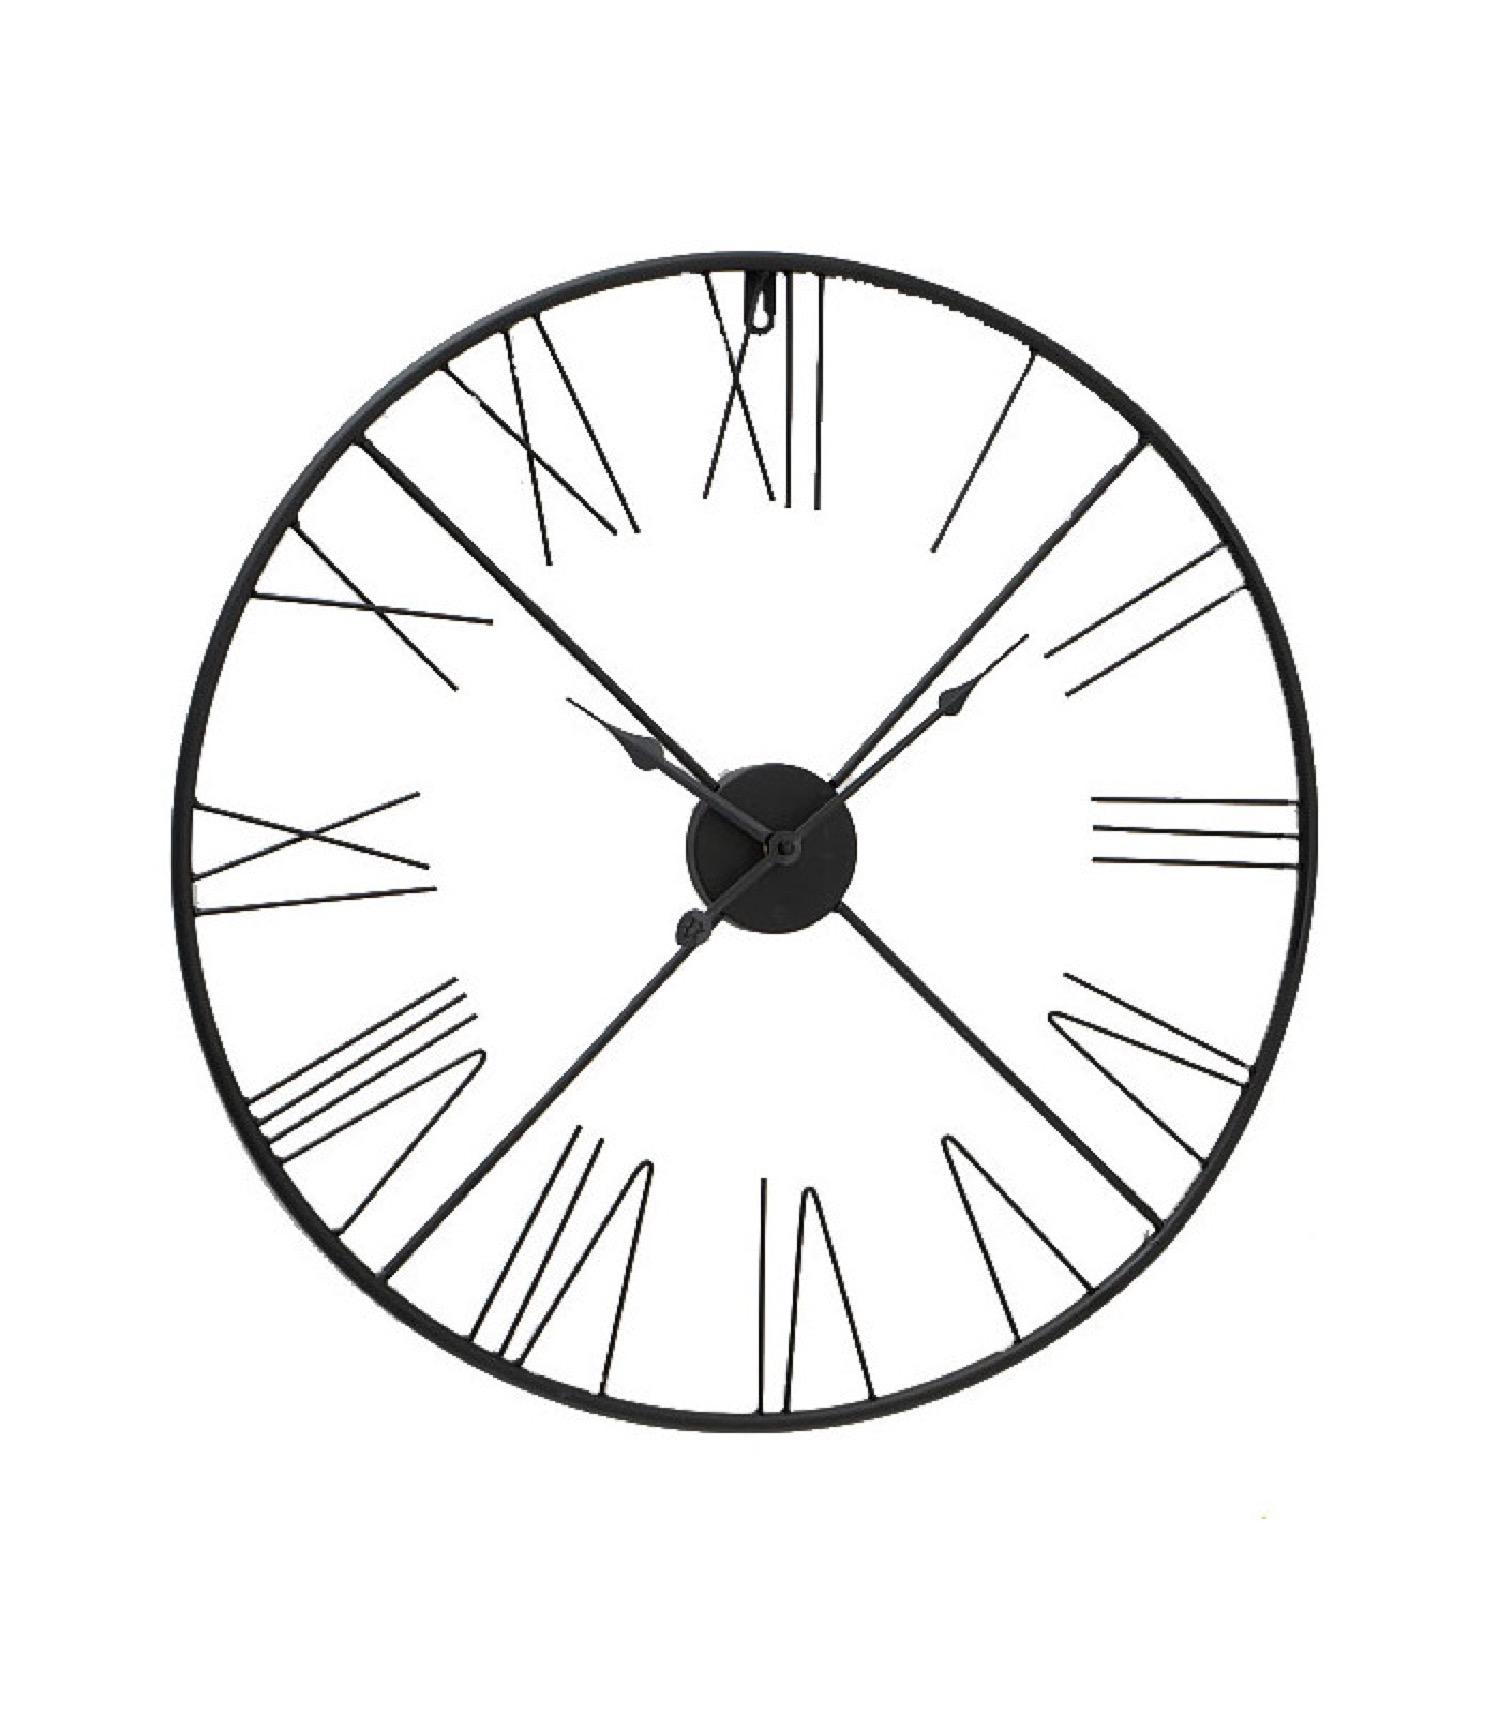 Horloge murale ronde chiffres romains métal noir